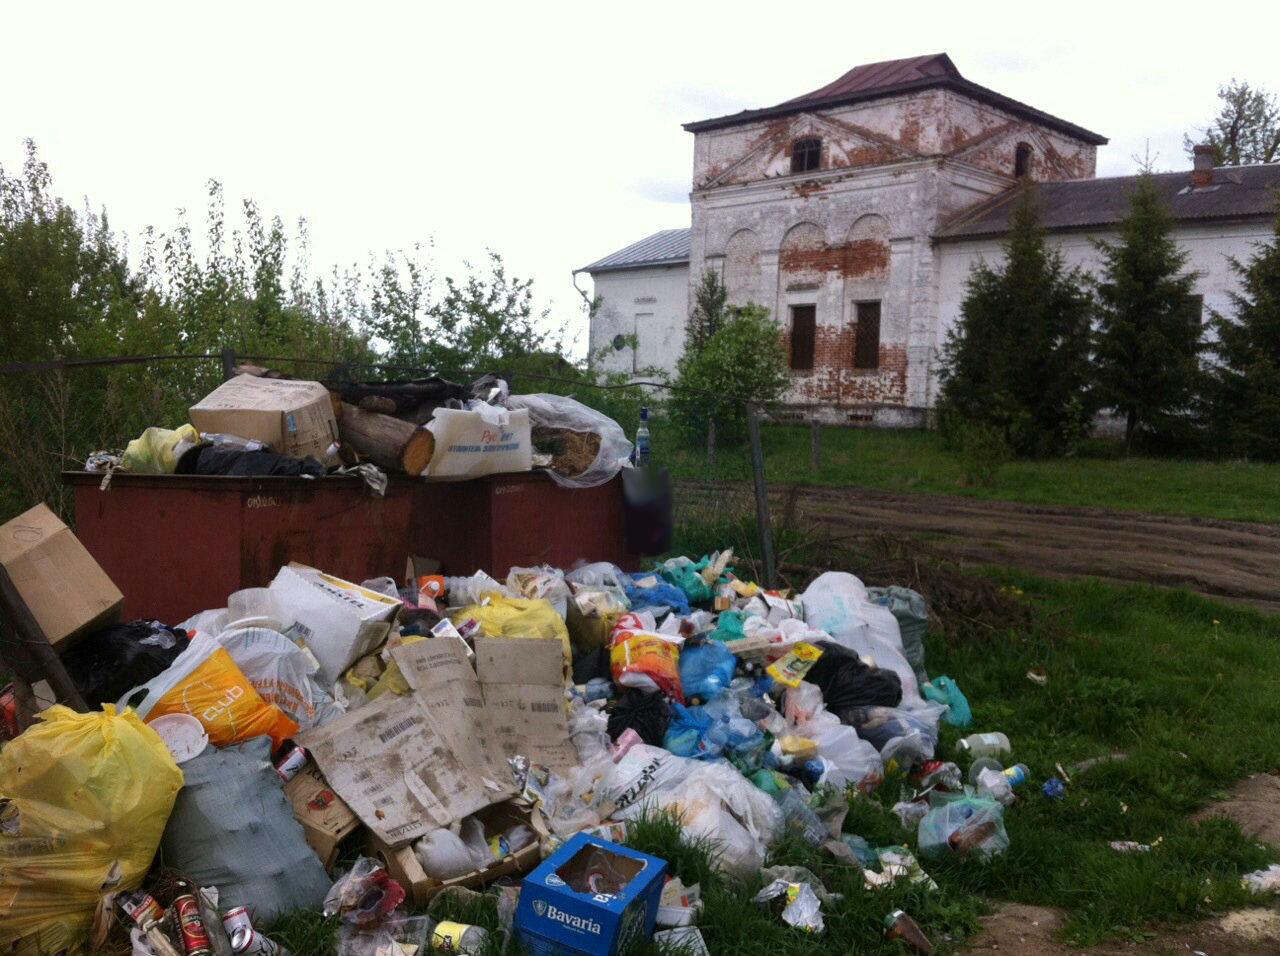 Власти Вологодского района вывезли мусор только тогда, когда жители выложили фото свалки в интернет